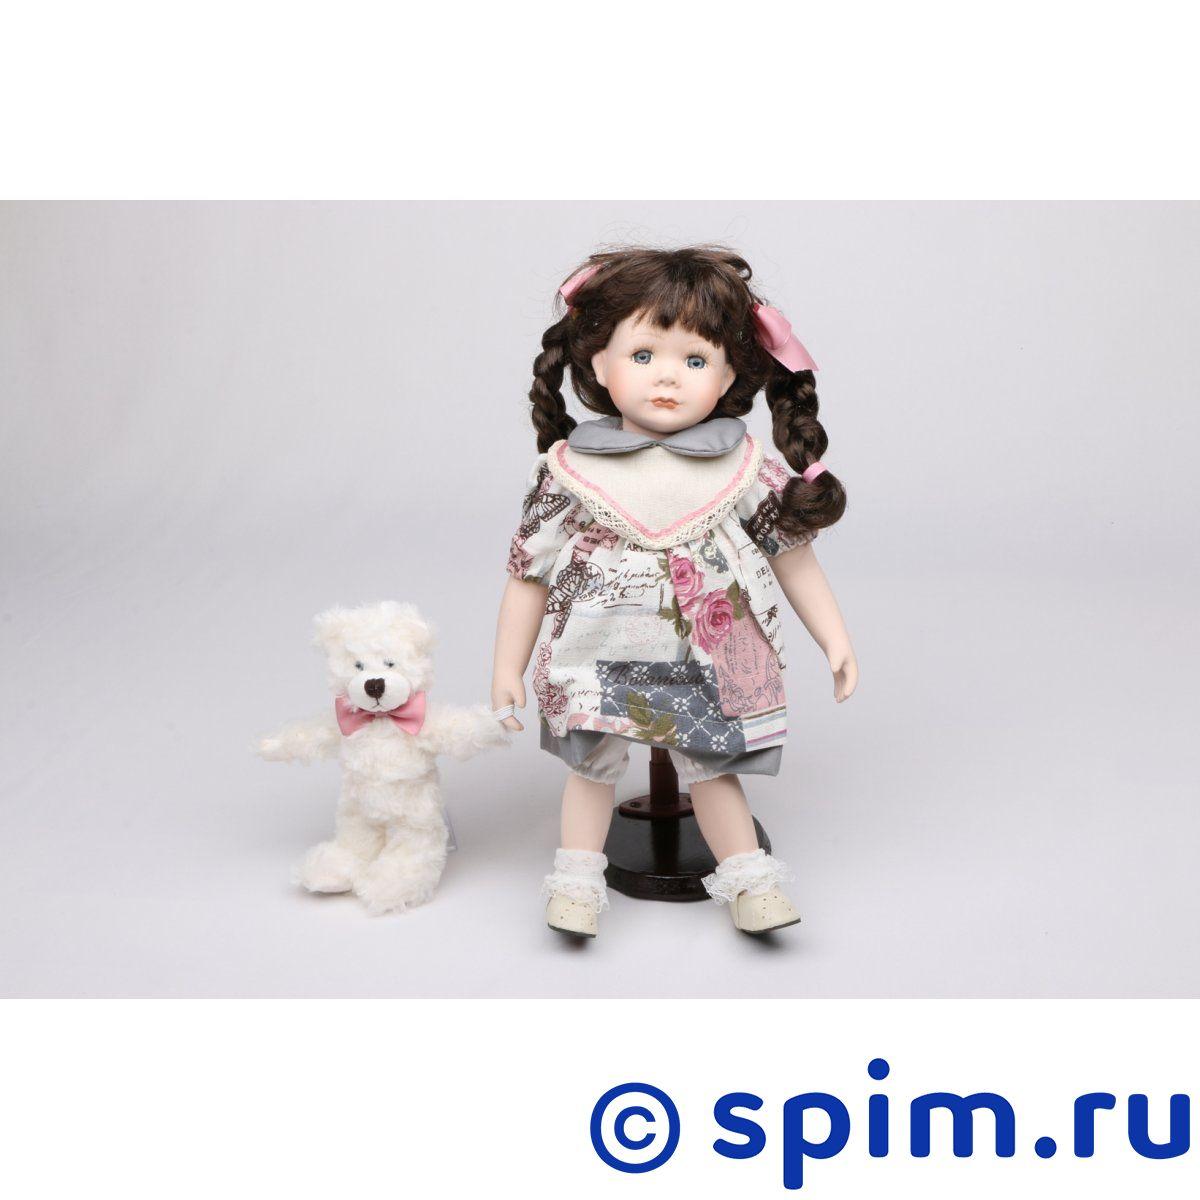 Интерьерная кукла Девочка с мишкой C21-148611 кукла весна 35 см